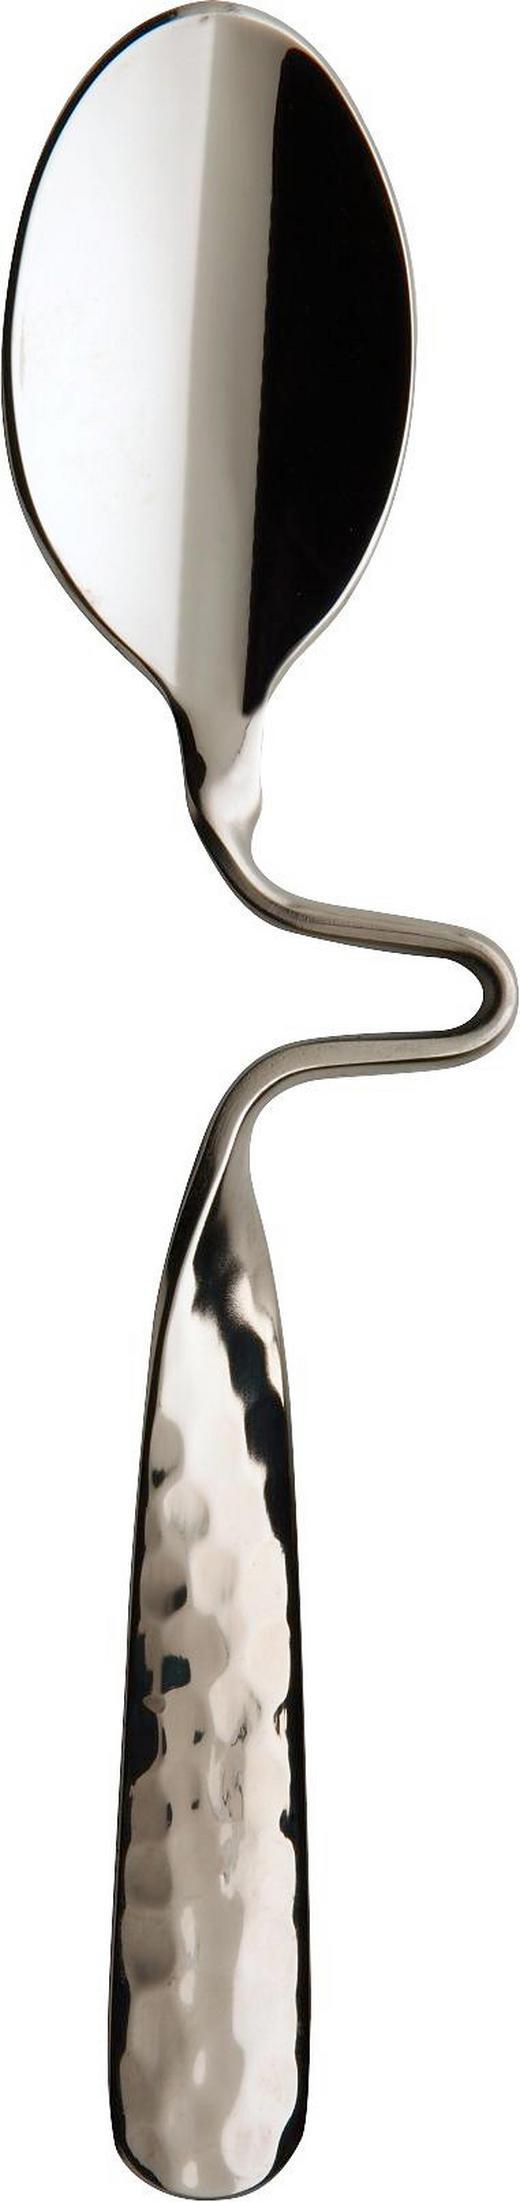 ESPRESSOLÖFFEL - Edelstahlfarben, Basics, Metall (12cm) - VILLEROY & BOCH